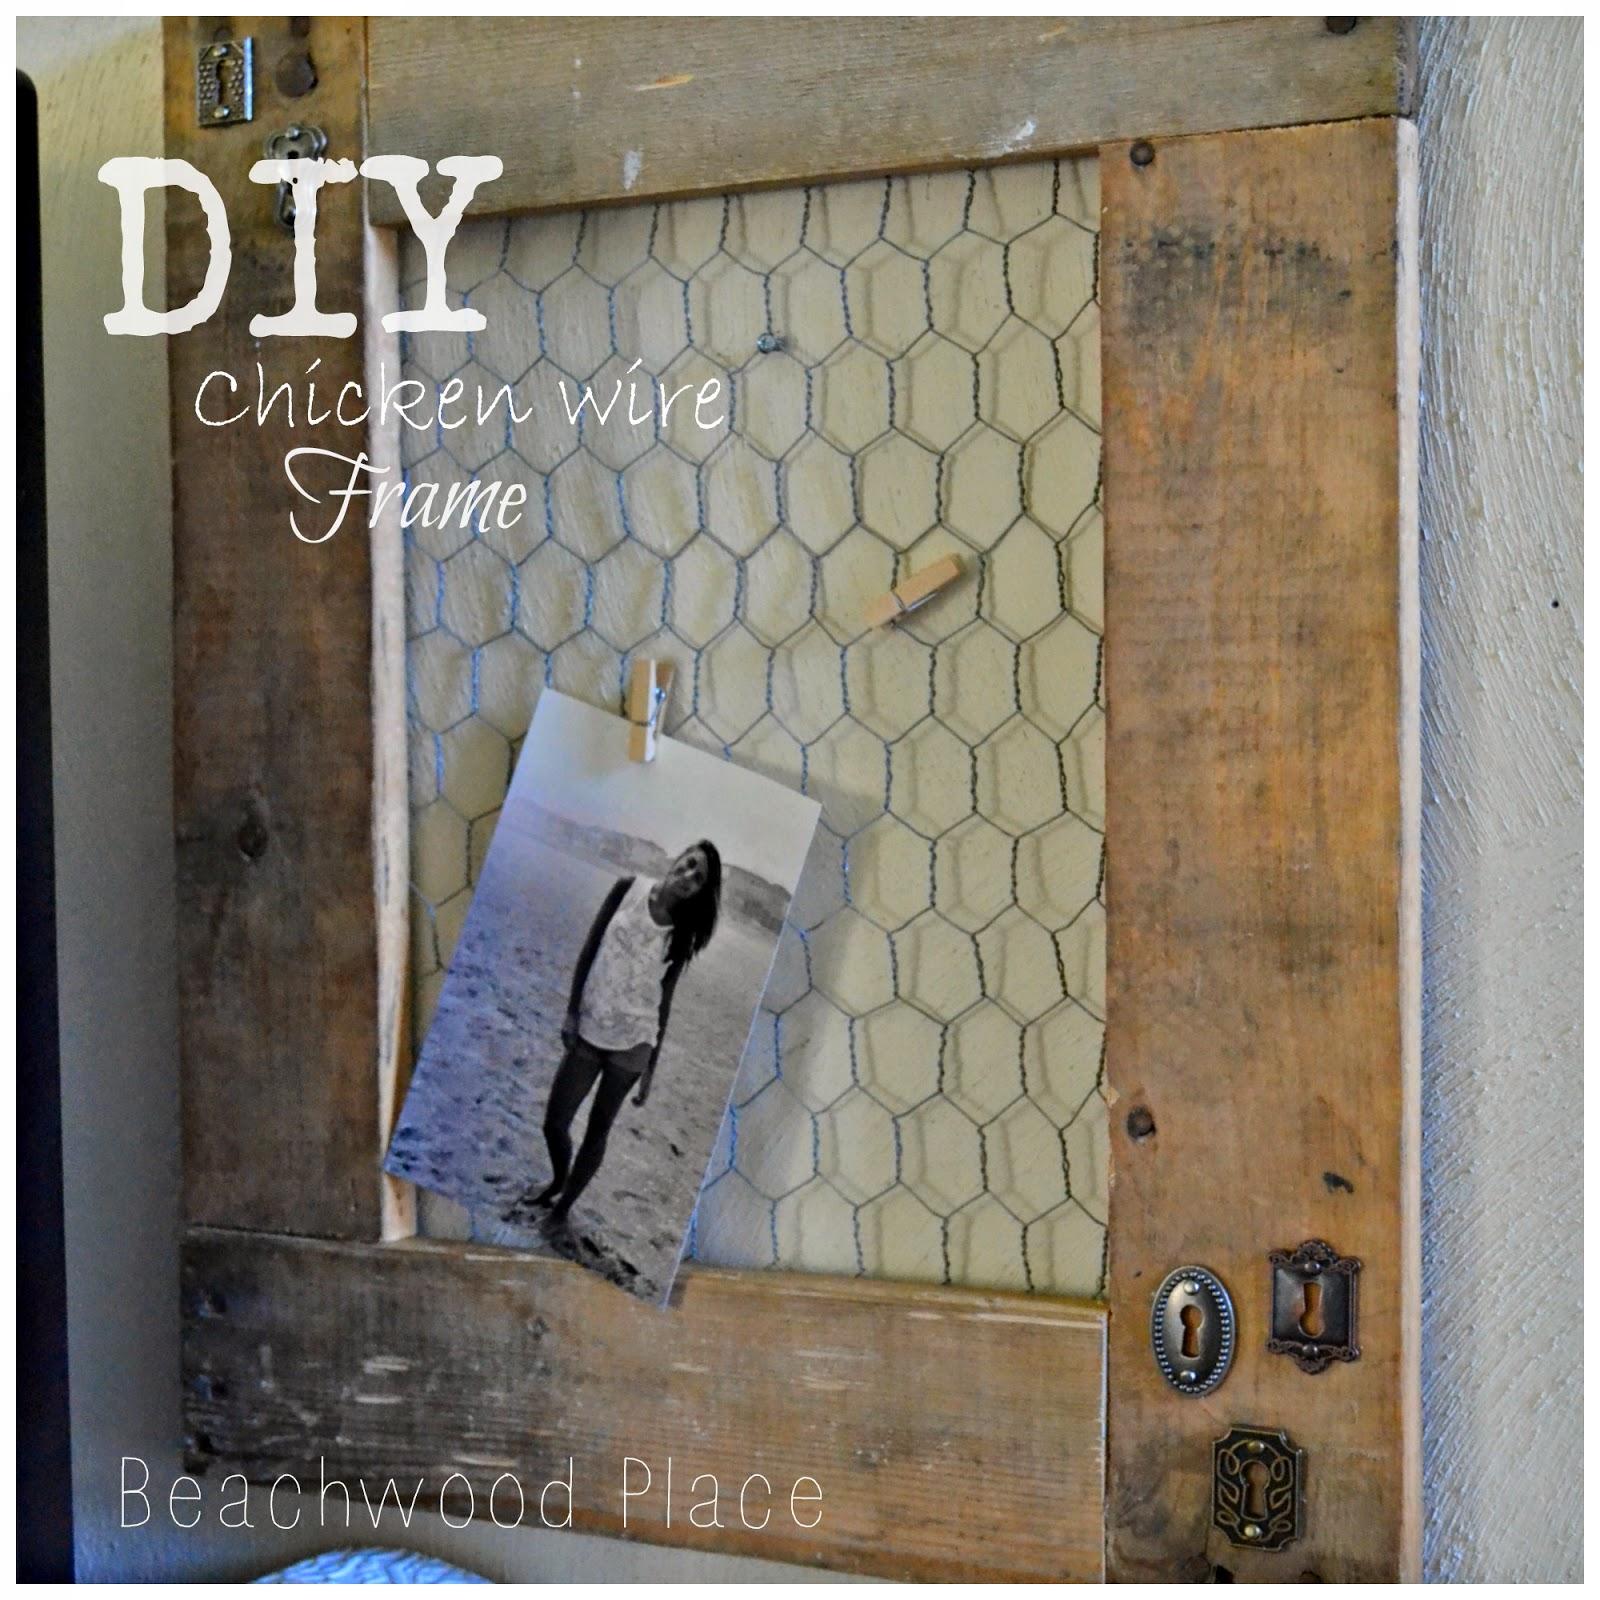 Beachwood Place: DIY Chicken Wire Frame